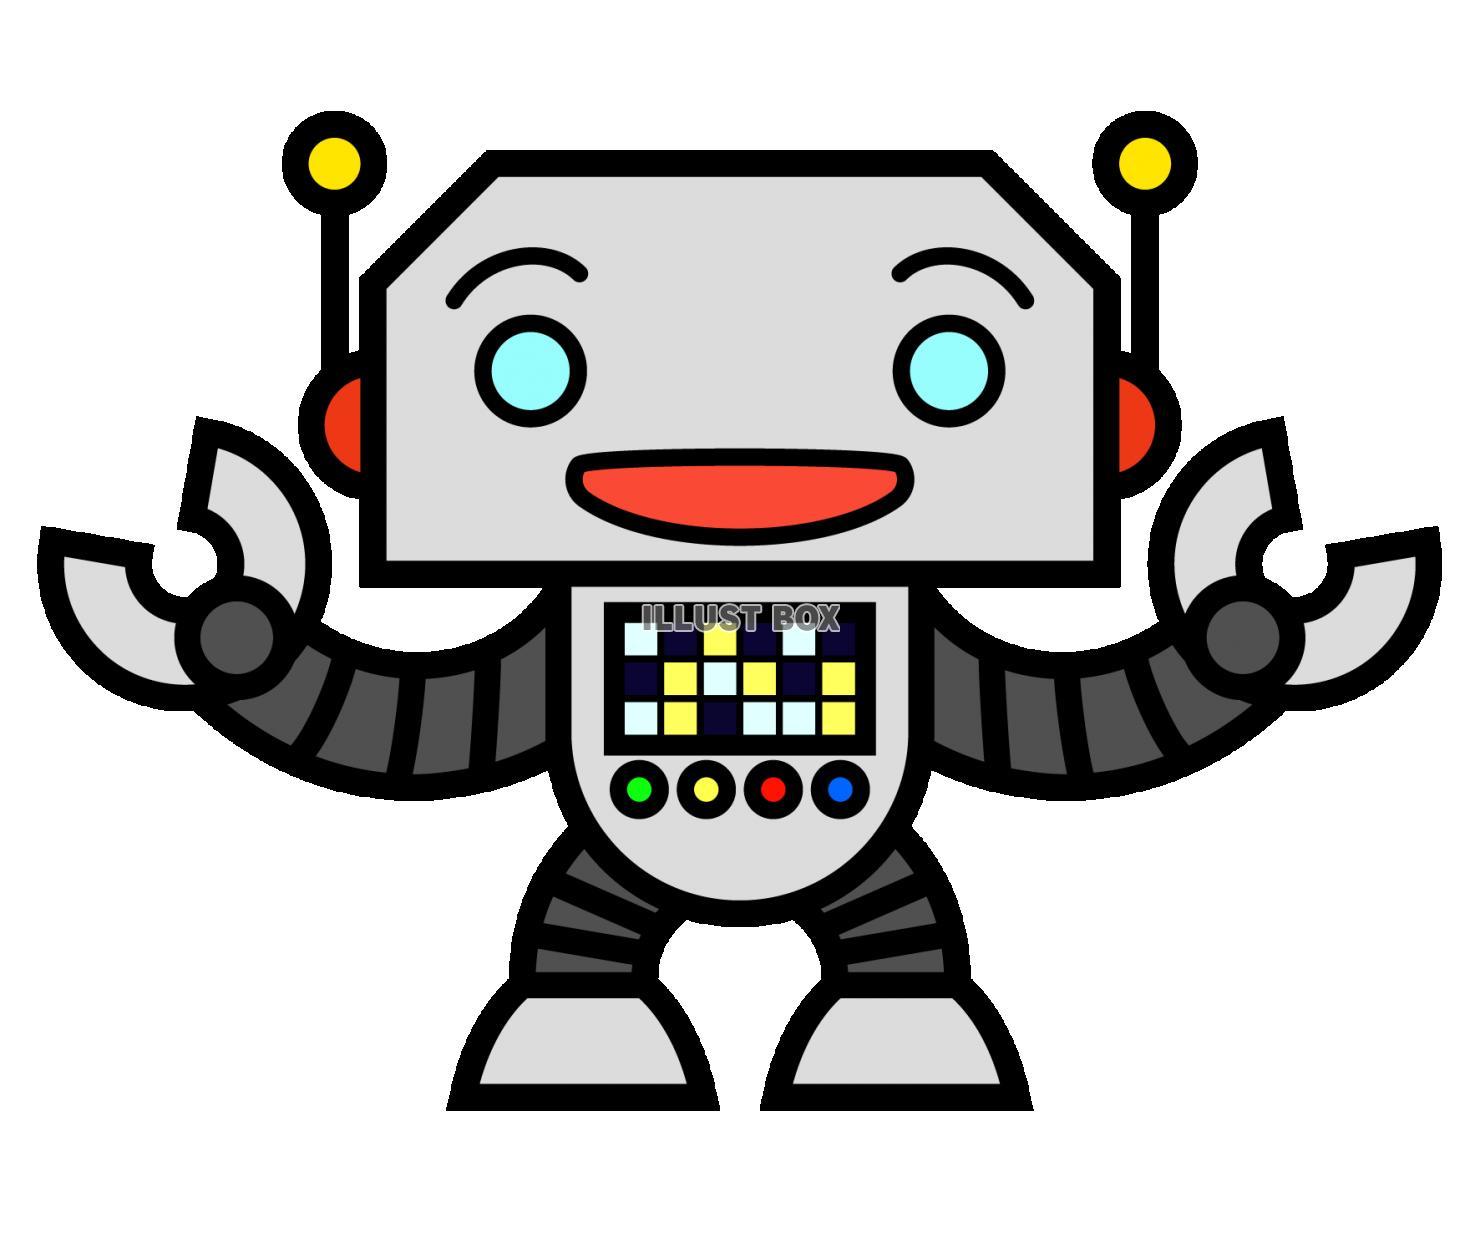 無料イラスト ロボット1 透過png